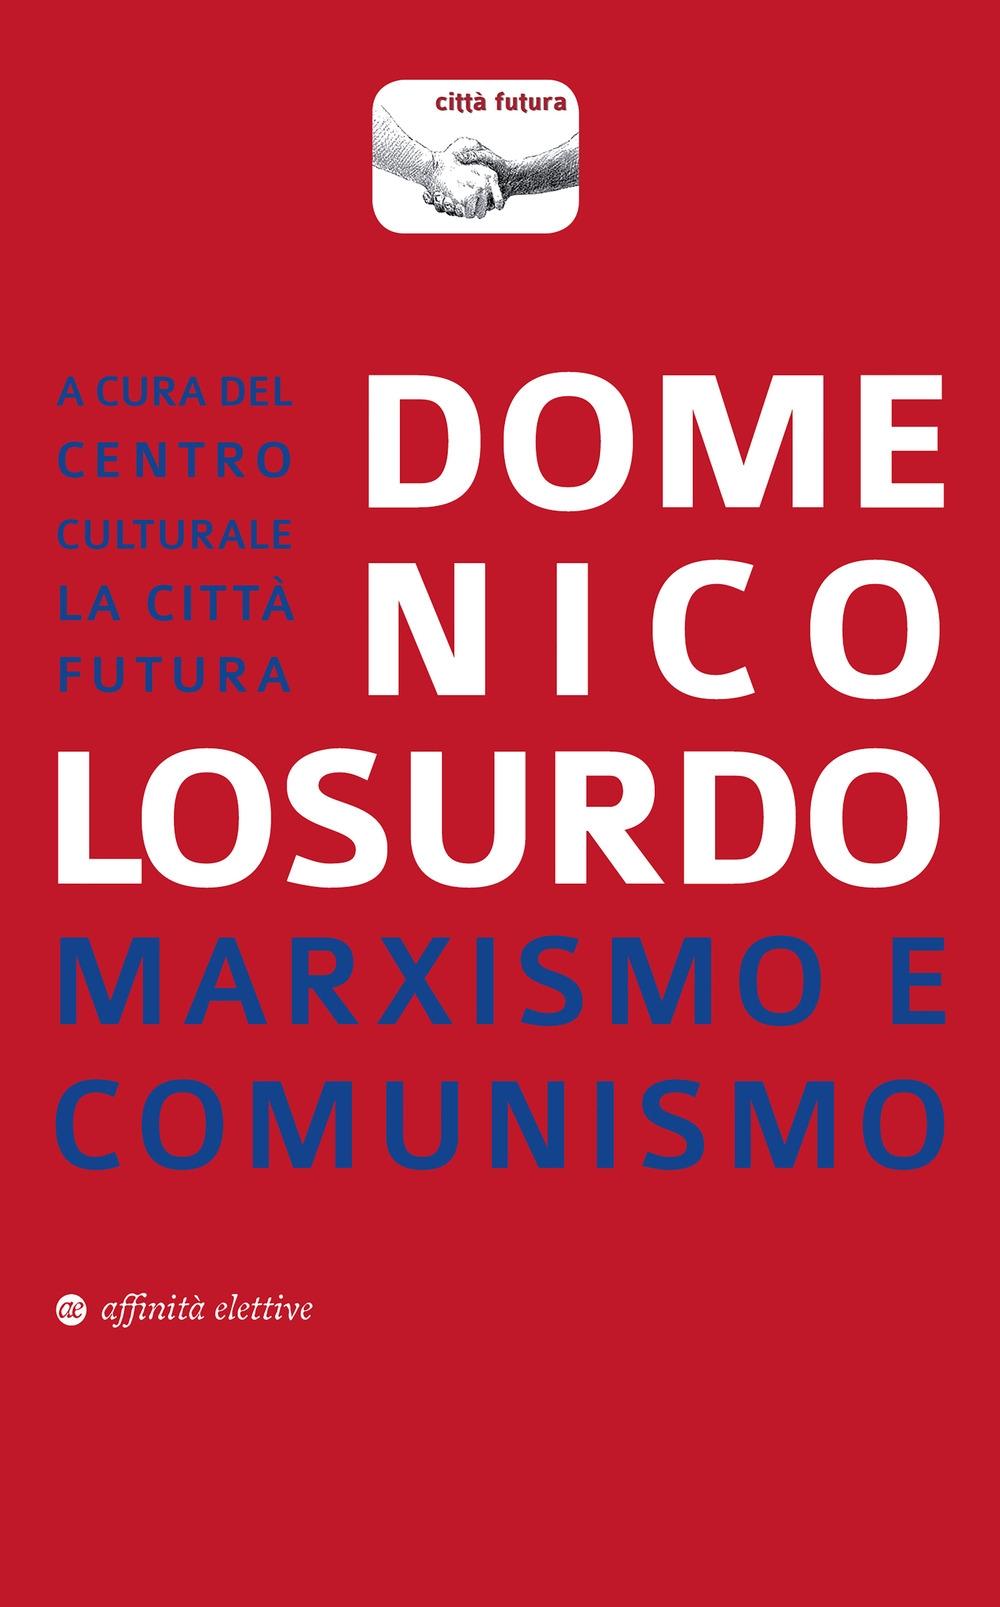 Marxismo e comunismo